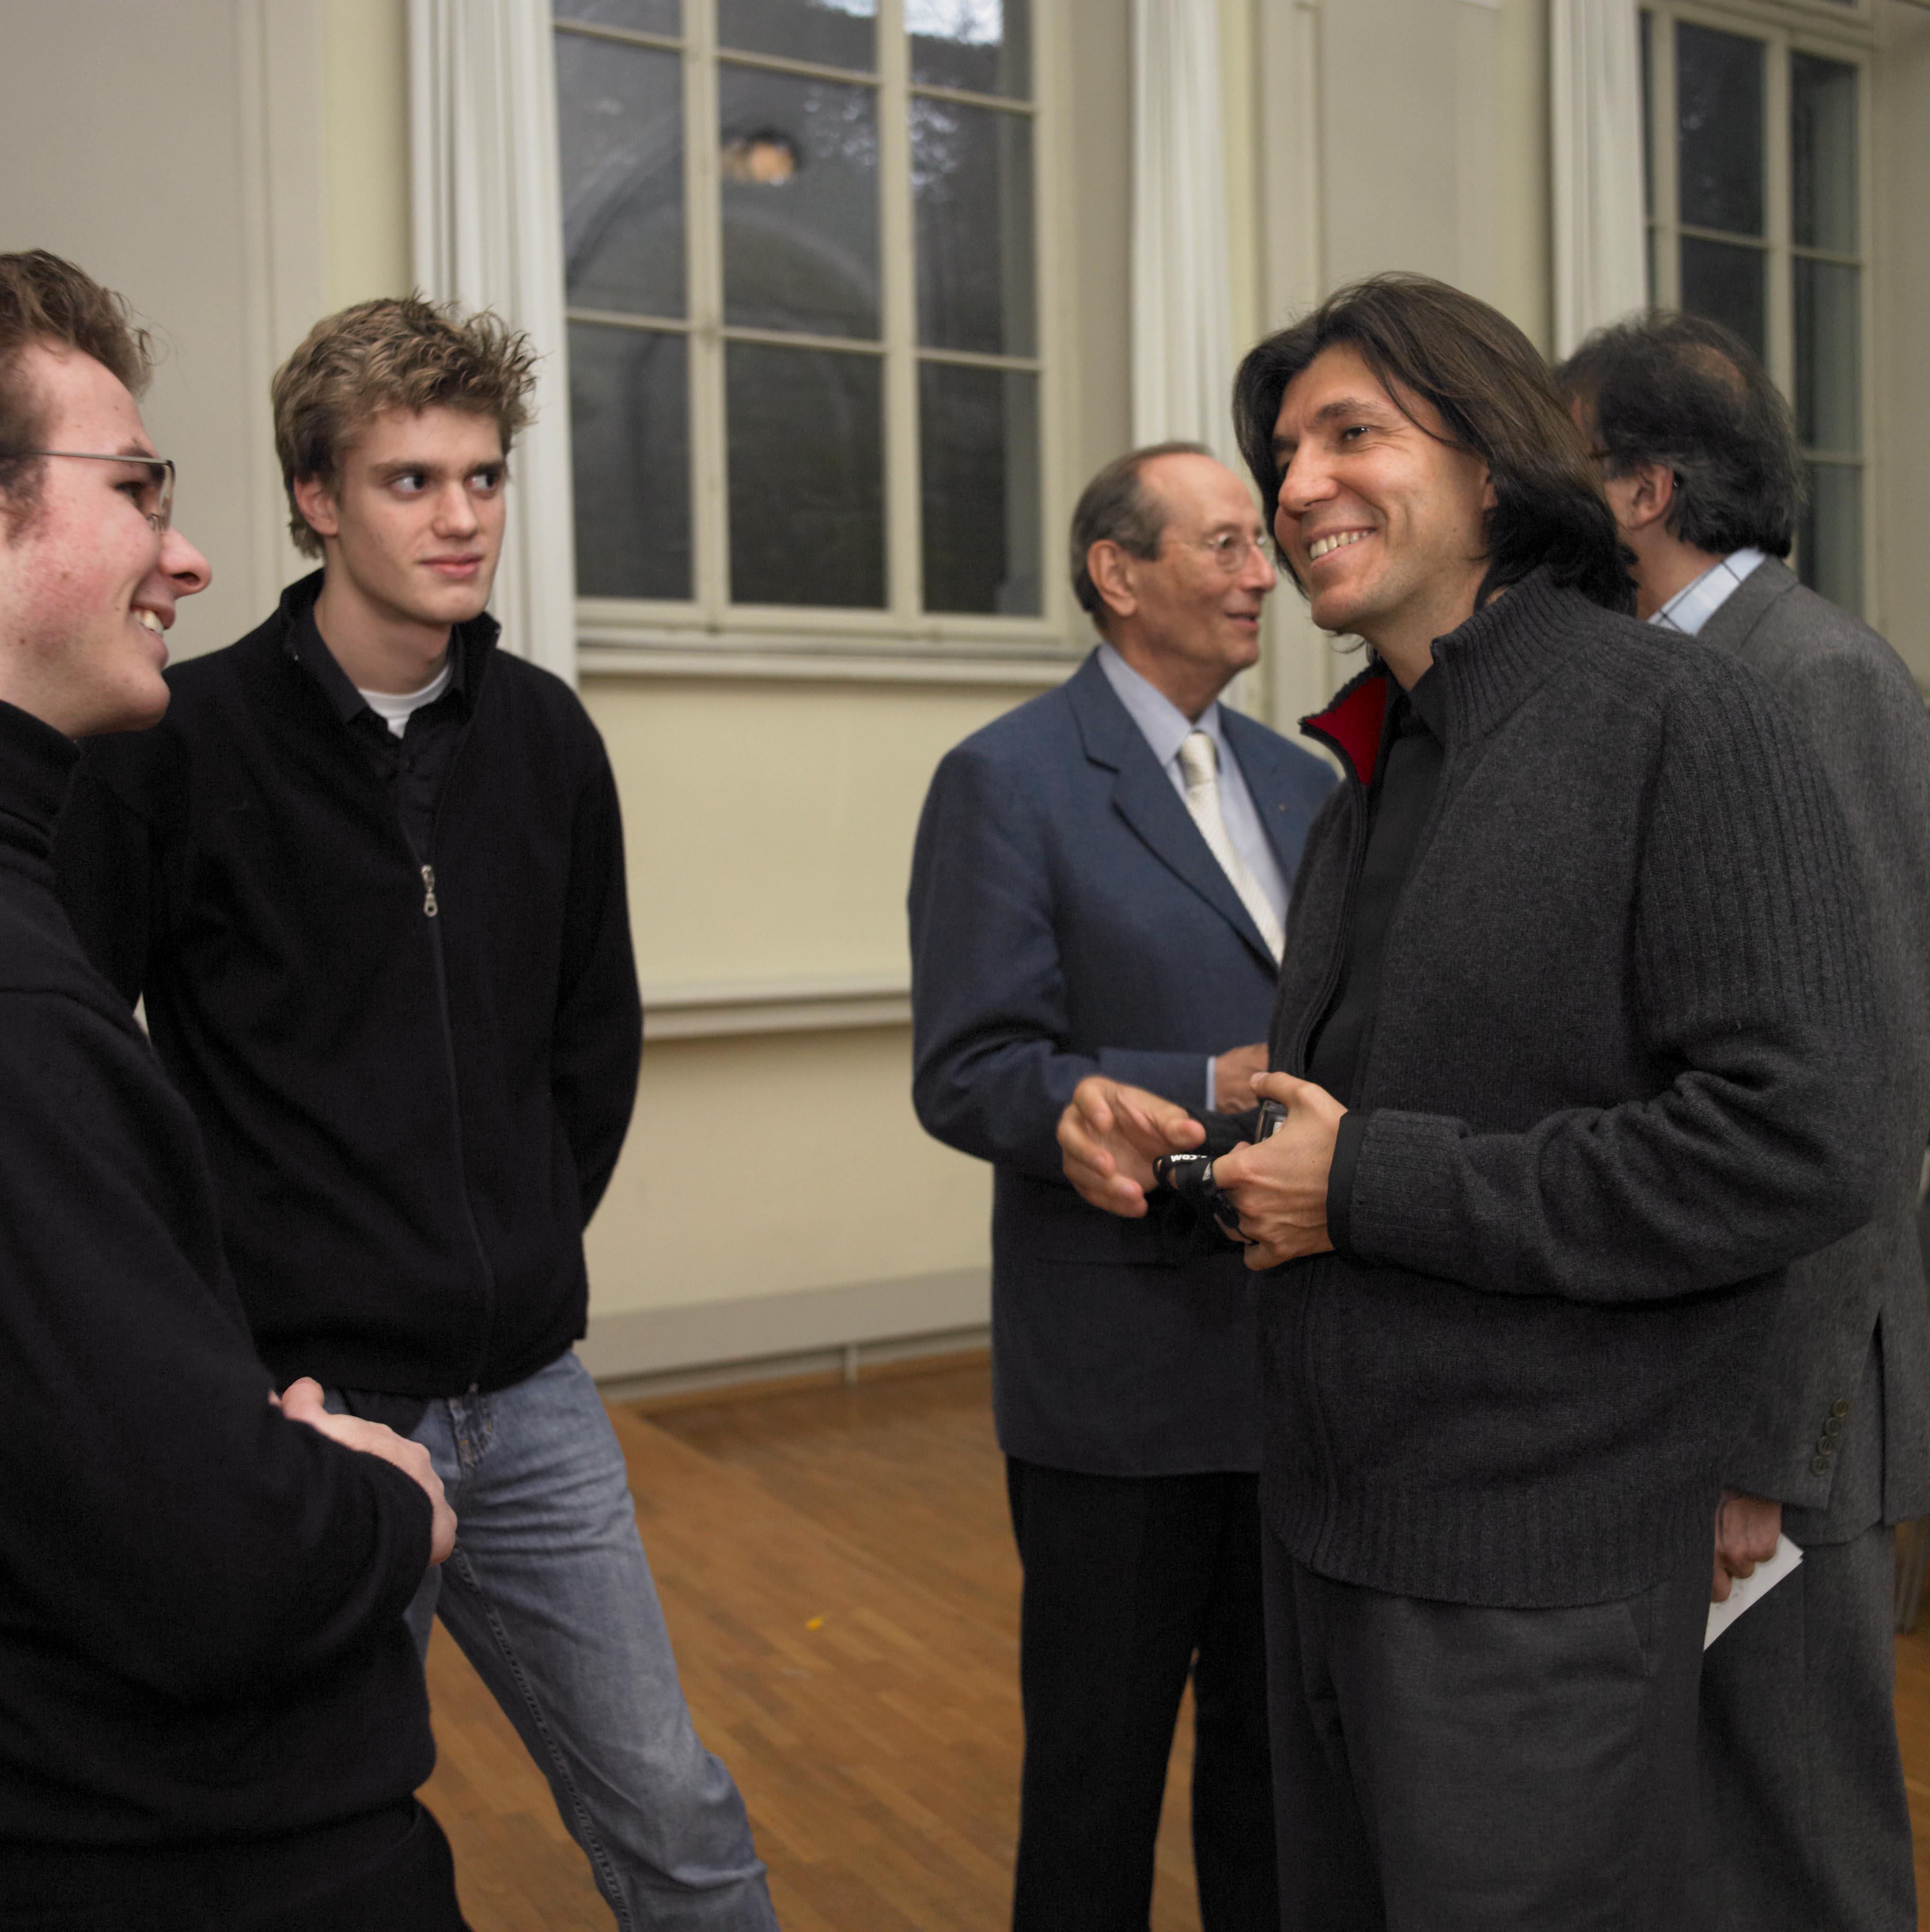 Rahn Musikpreis 2006 vlnr: Benjamin Nyffenegger, Lionel Cottet, Richardo Castro, im Hintergrund Hans-Konrad Rahn